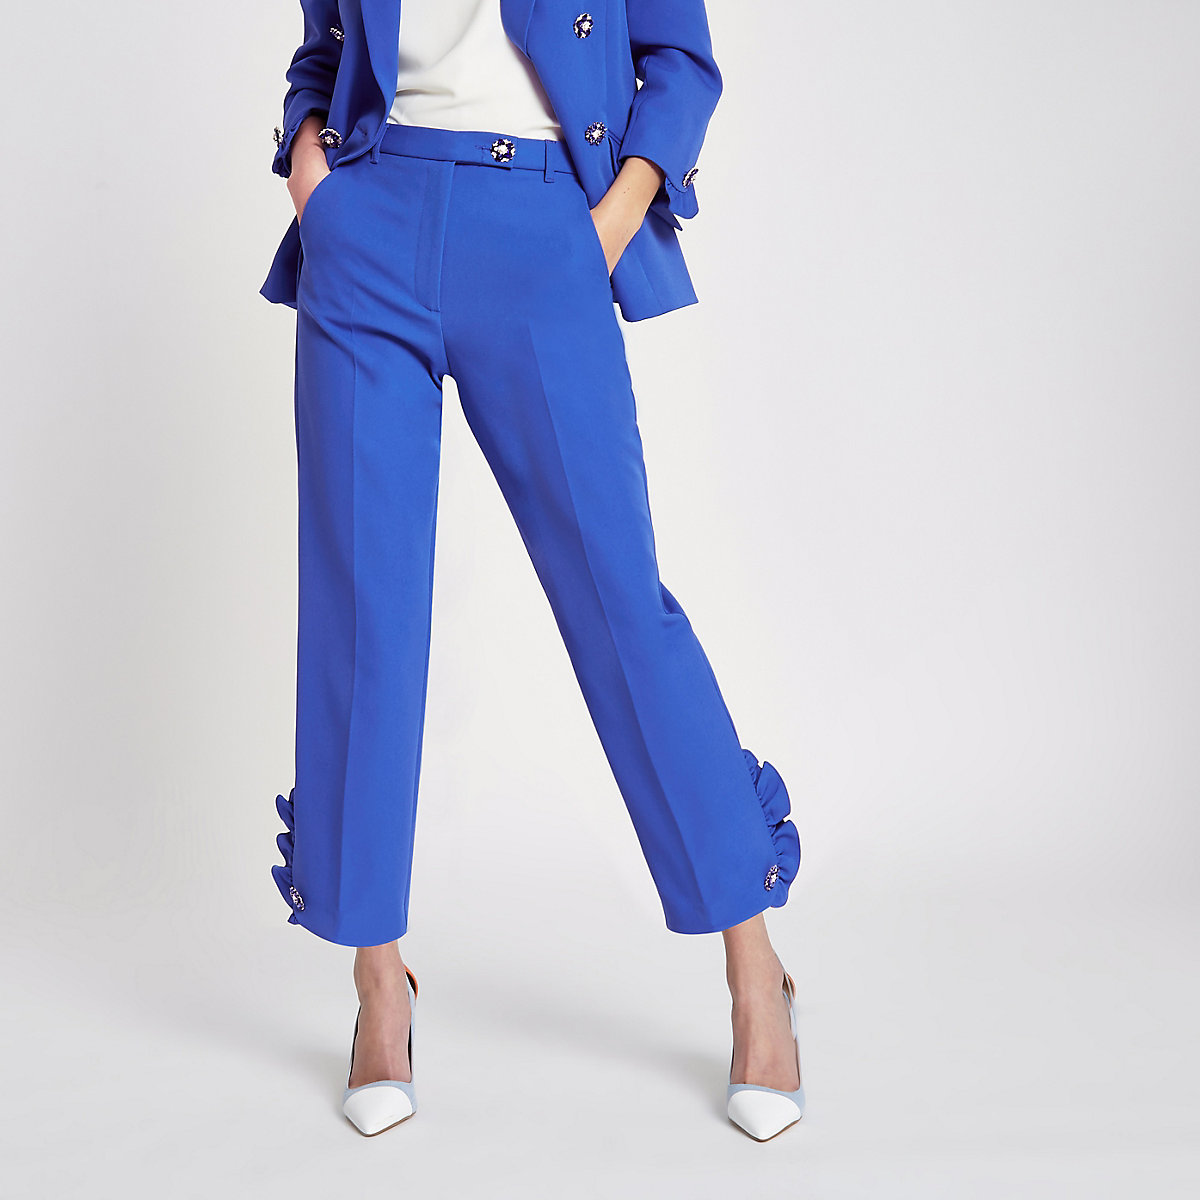 Blauwe smaltoelopende broek met imitatiepareltjes